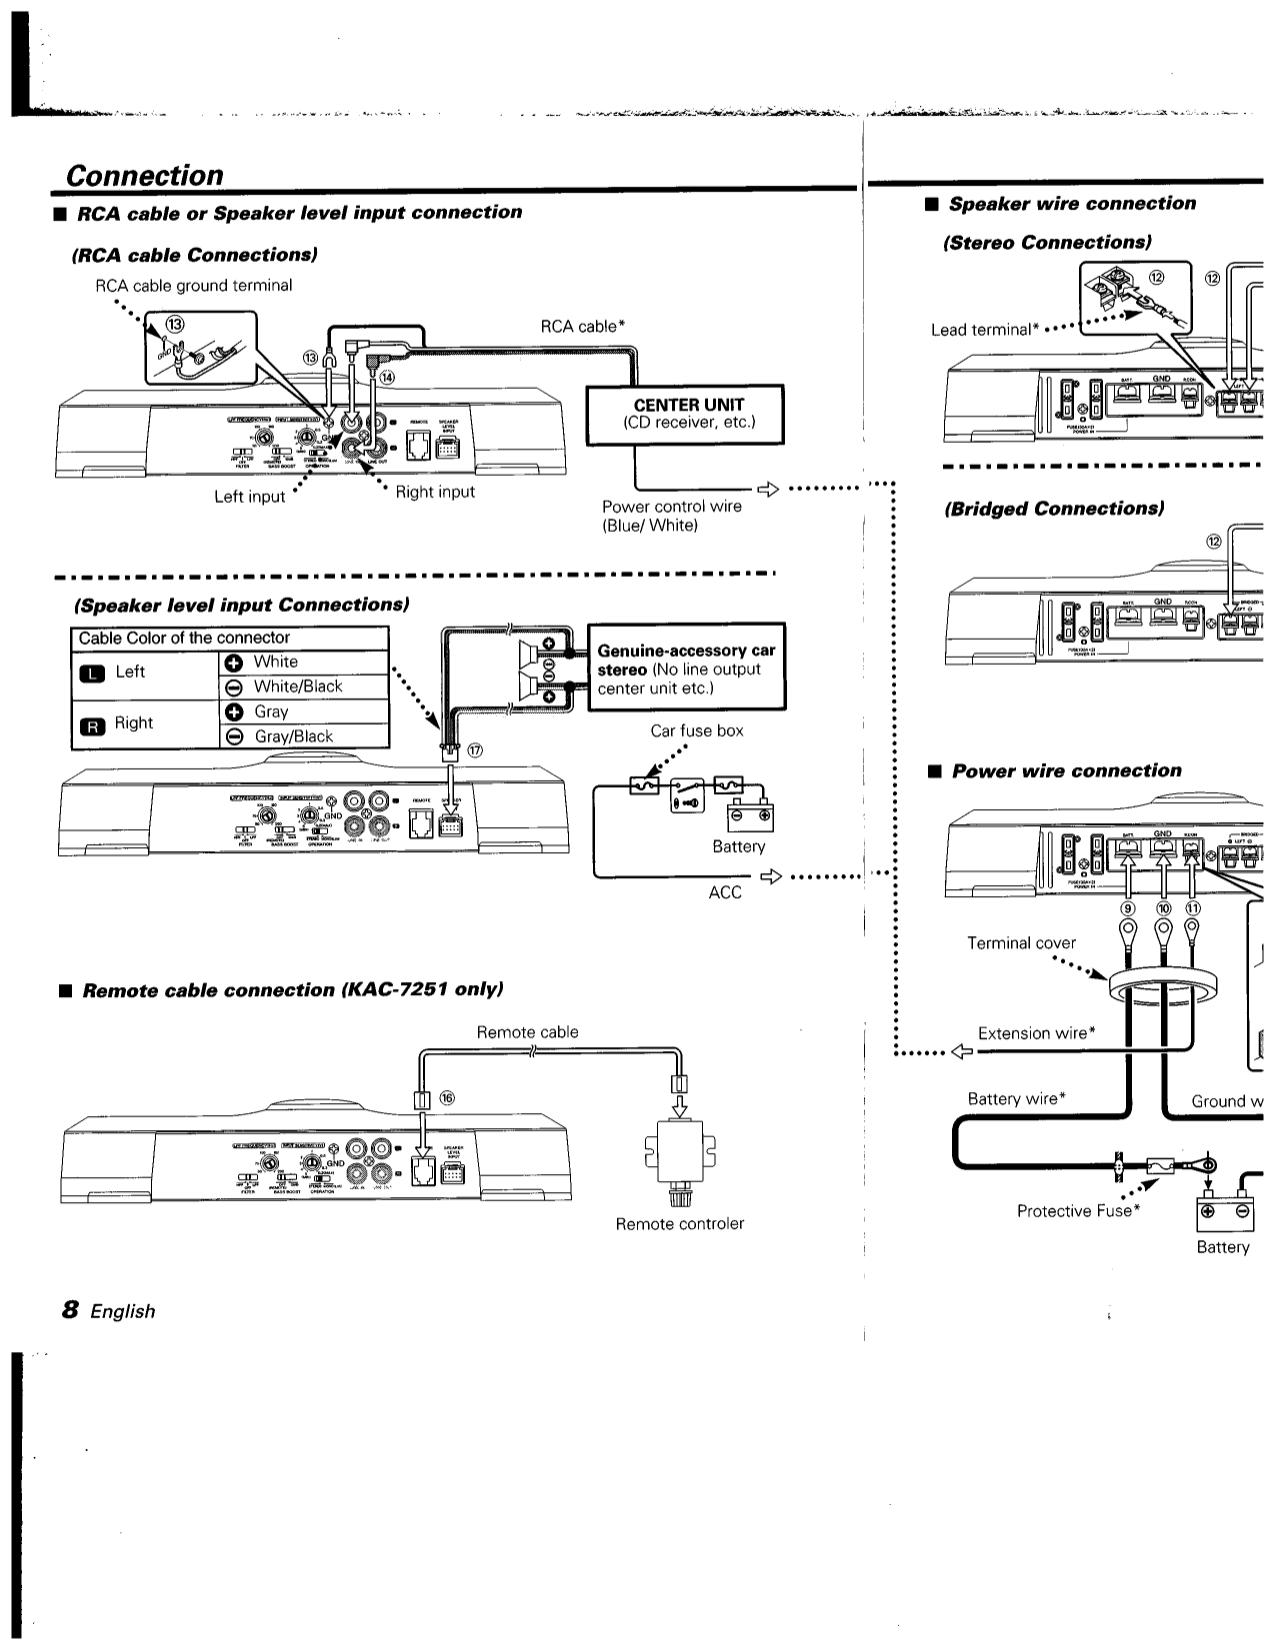 pdf manual for kenwood car amplifier kac 7201 rh umlib com Kenwood KAC 624 Kenwood KAC 646